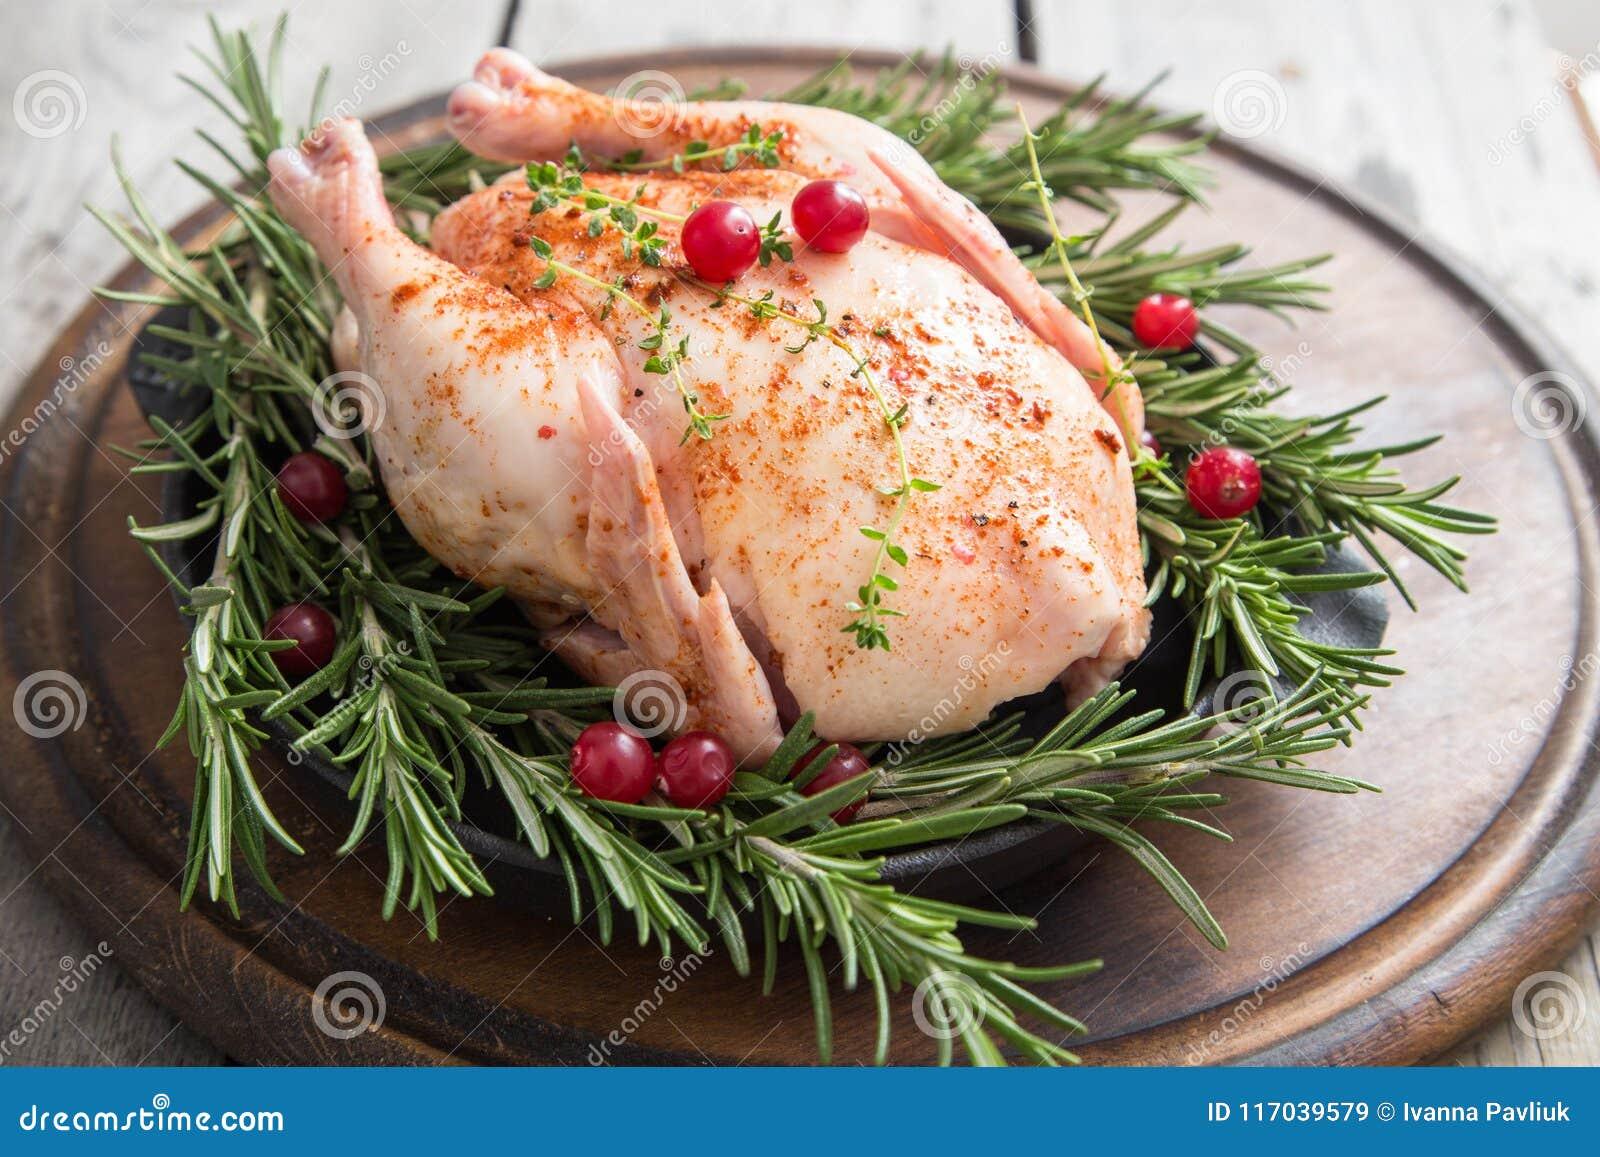 Ολόκληρο ακατέργαστο κοτόπουλο στον ξύλινο τέμνοντα πίνακα Ακατέργαστο σφάγιο κοτόπουλου